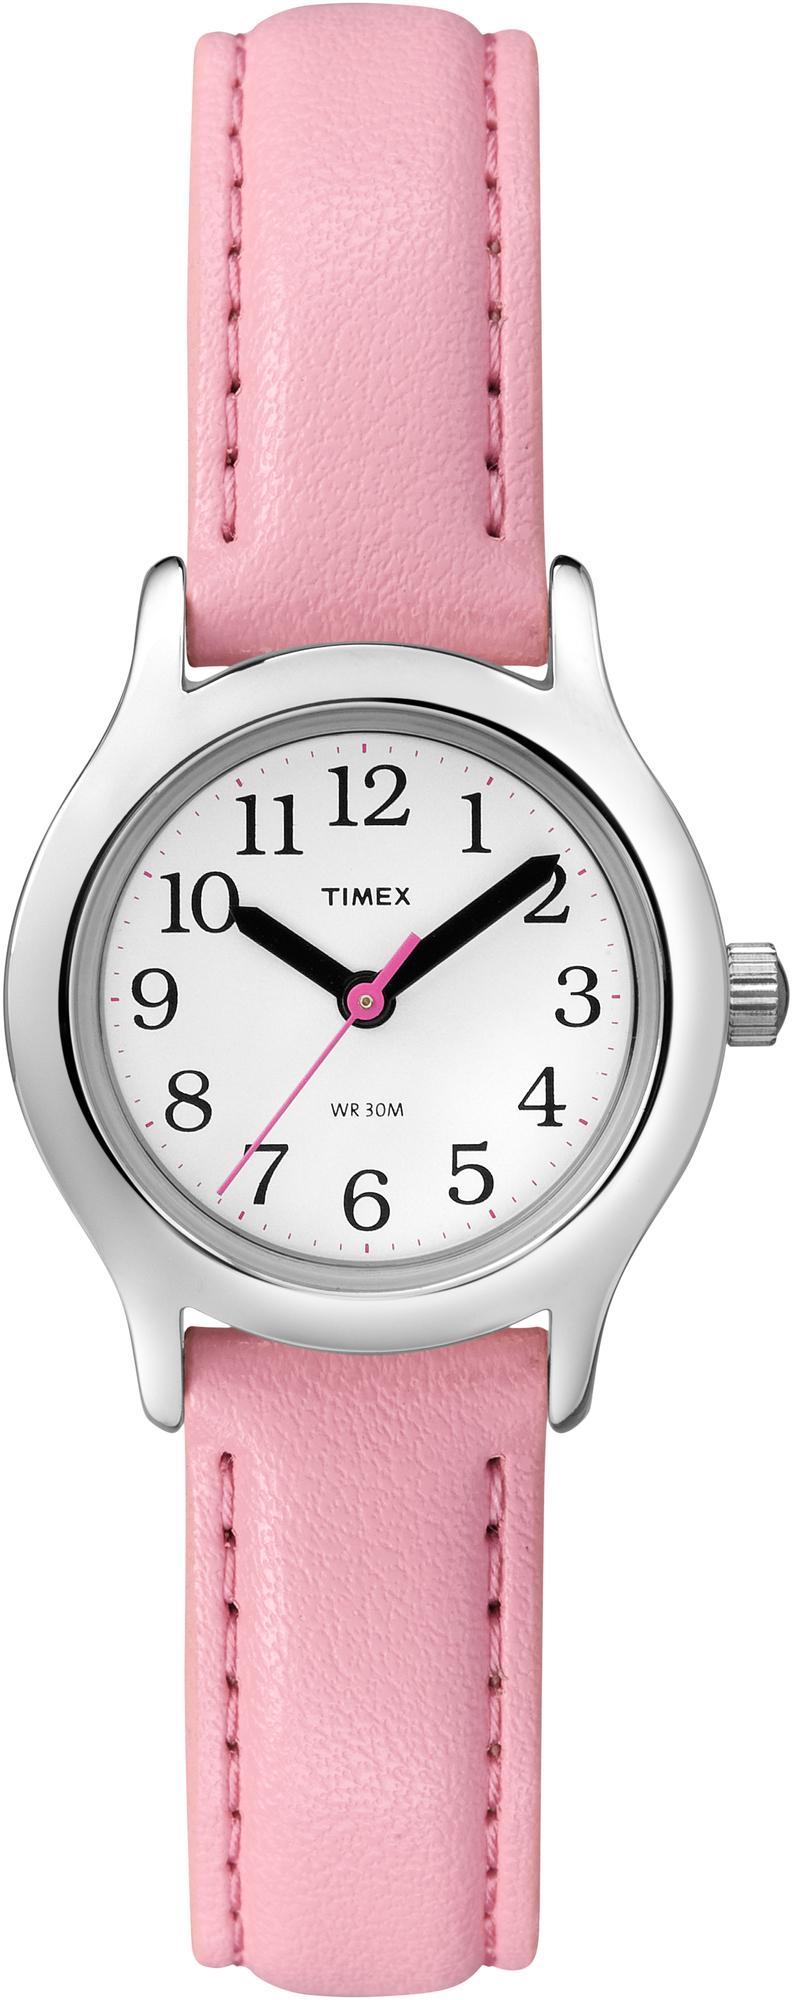 Timex T79081 - zegarek dla dziewczynki